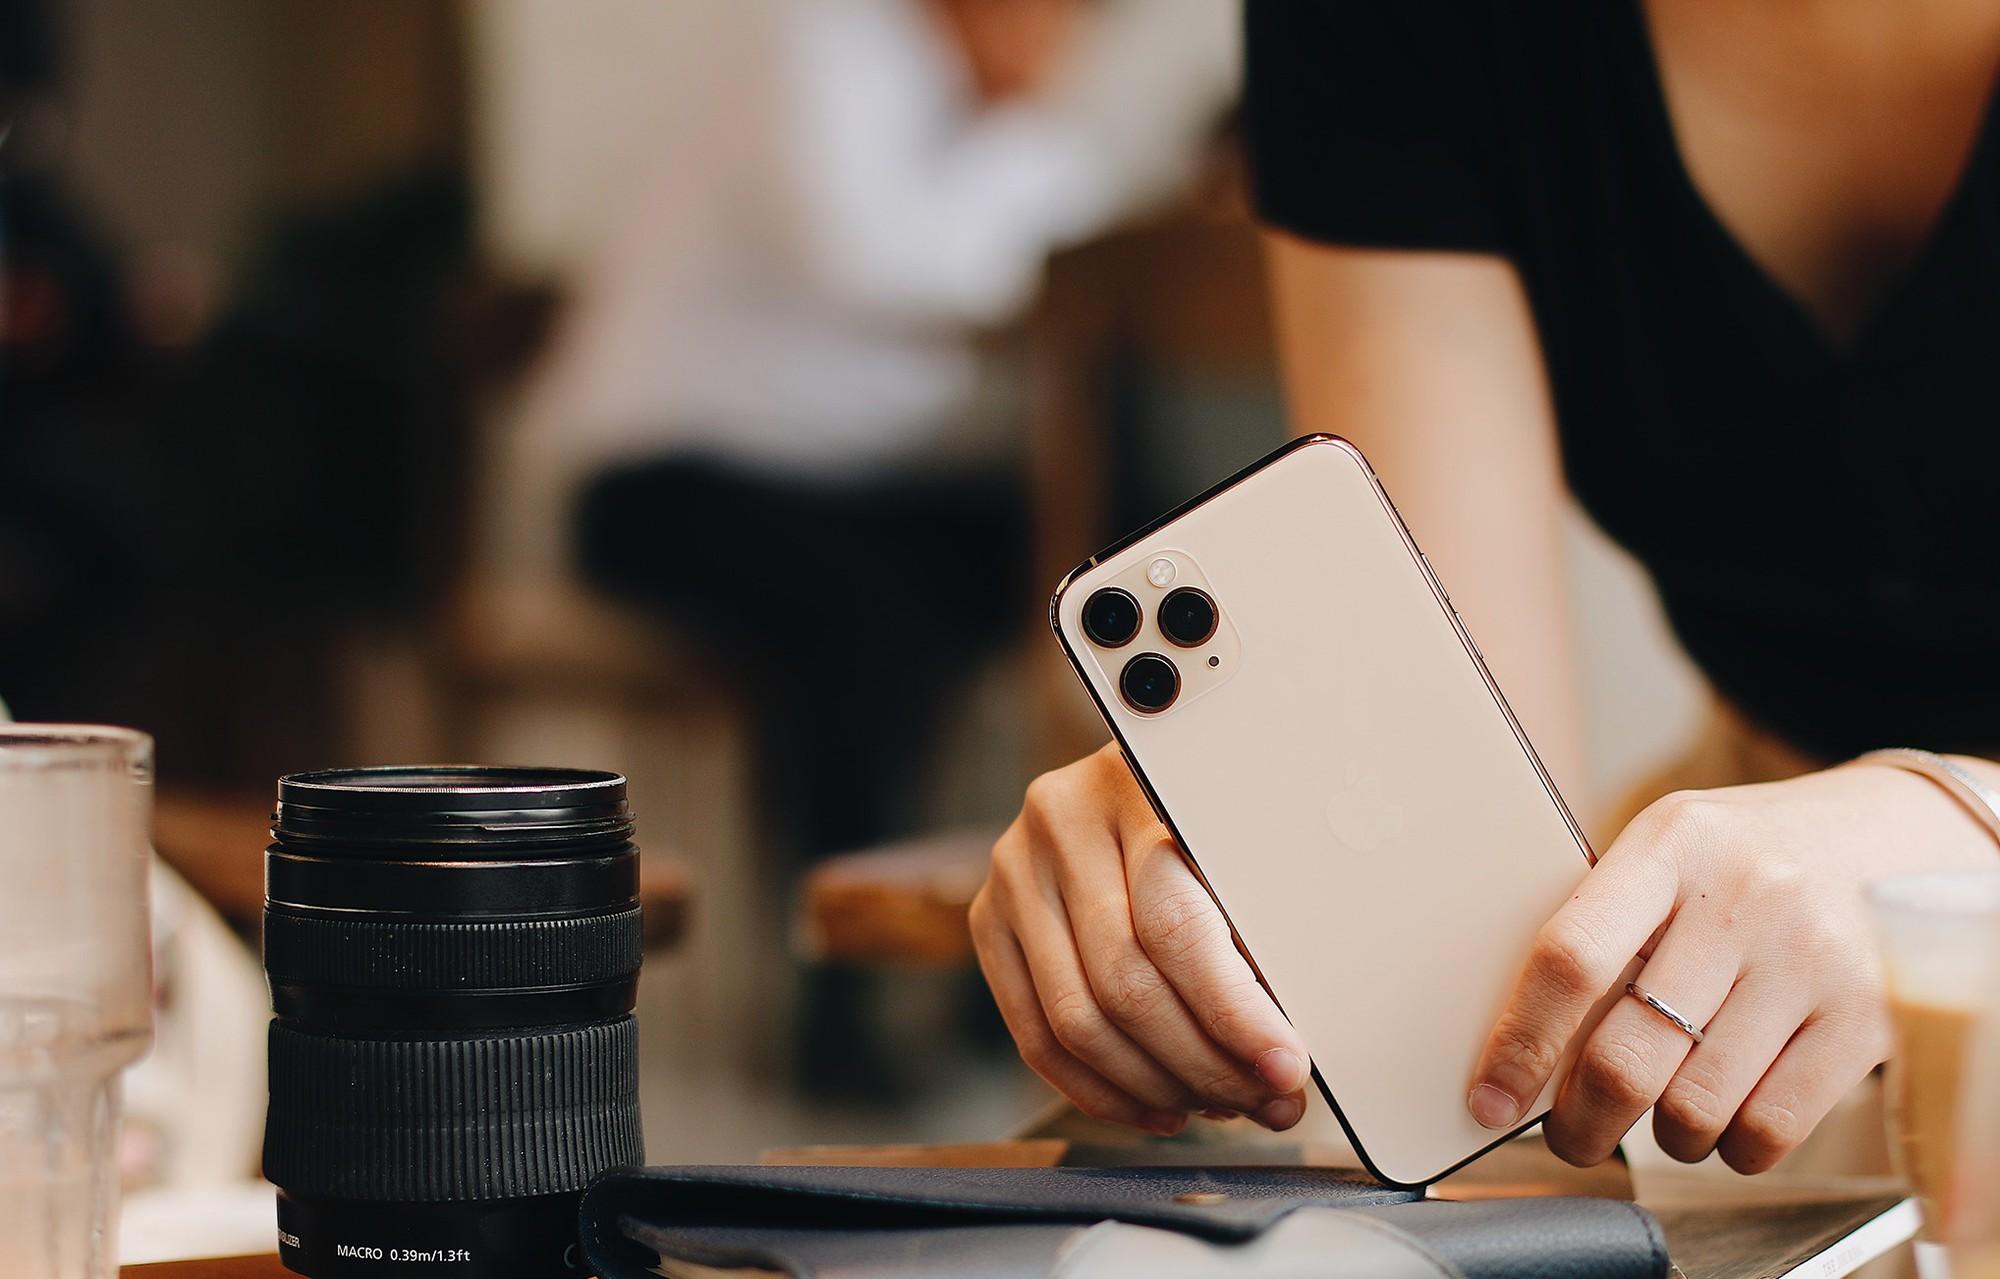 co-nen-mua-iphone-11-xach-tay-khi-gia-dang-ngay-cang-re-1